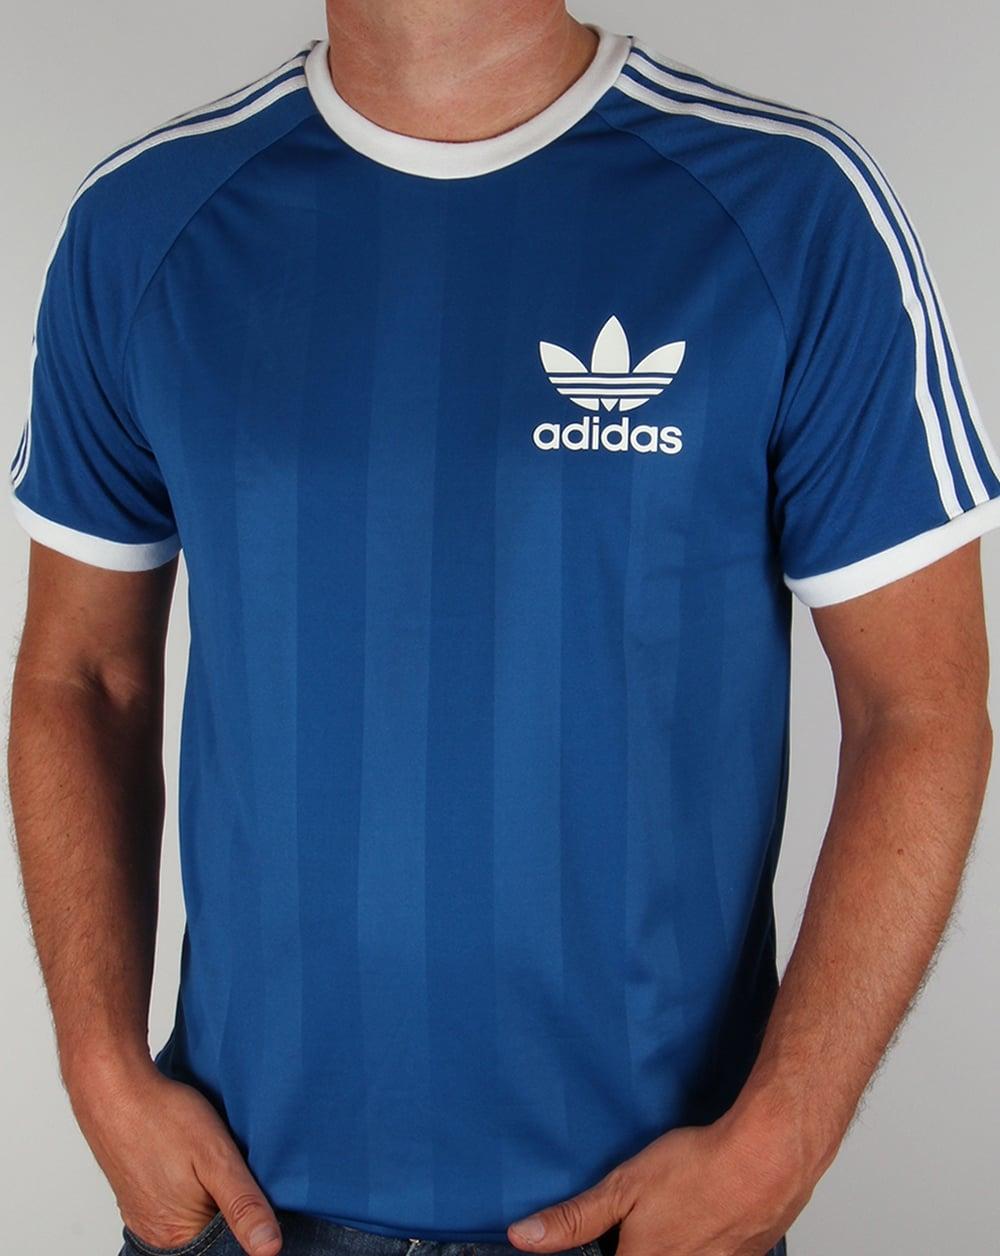 Adidas Originals Retro 3 Stripes T Shirt White